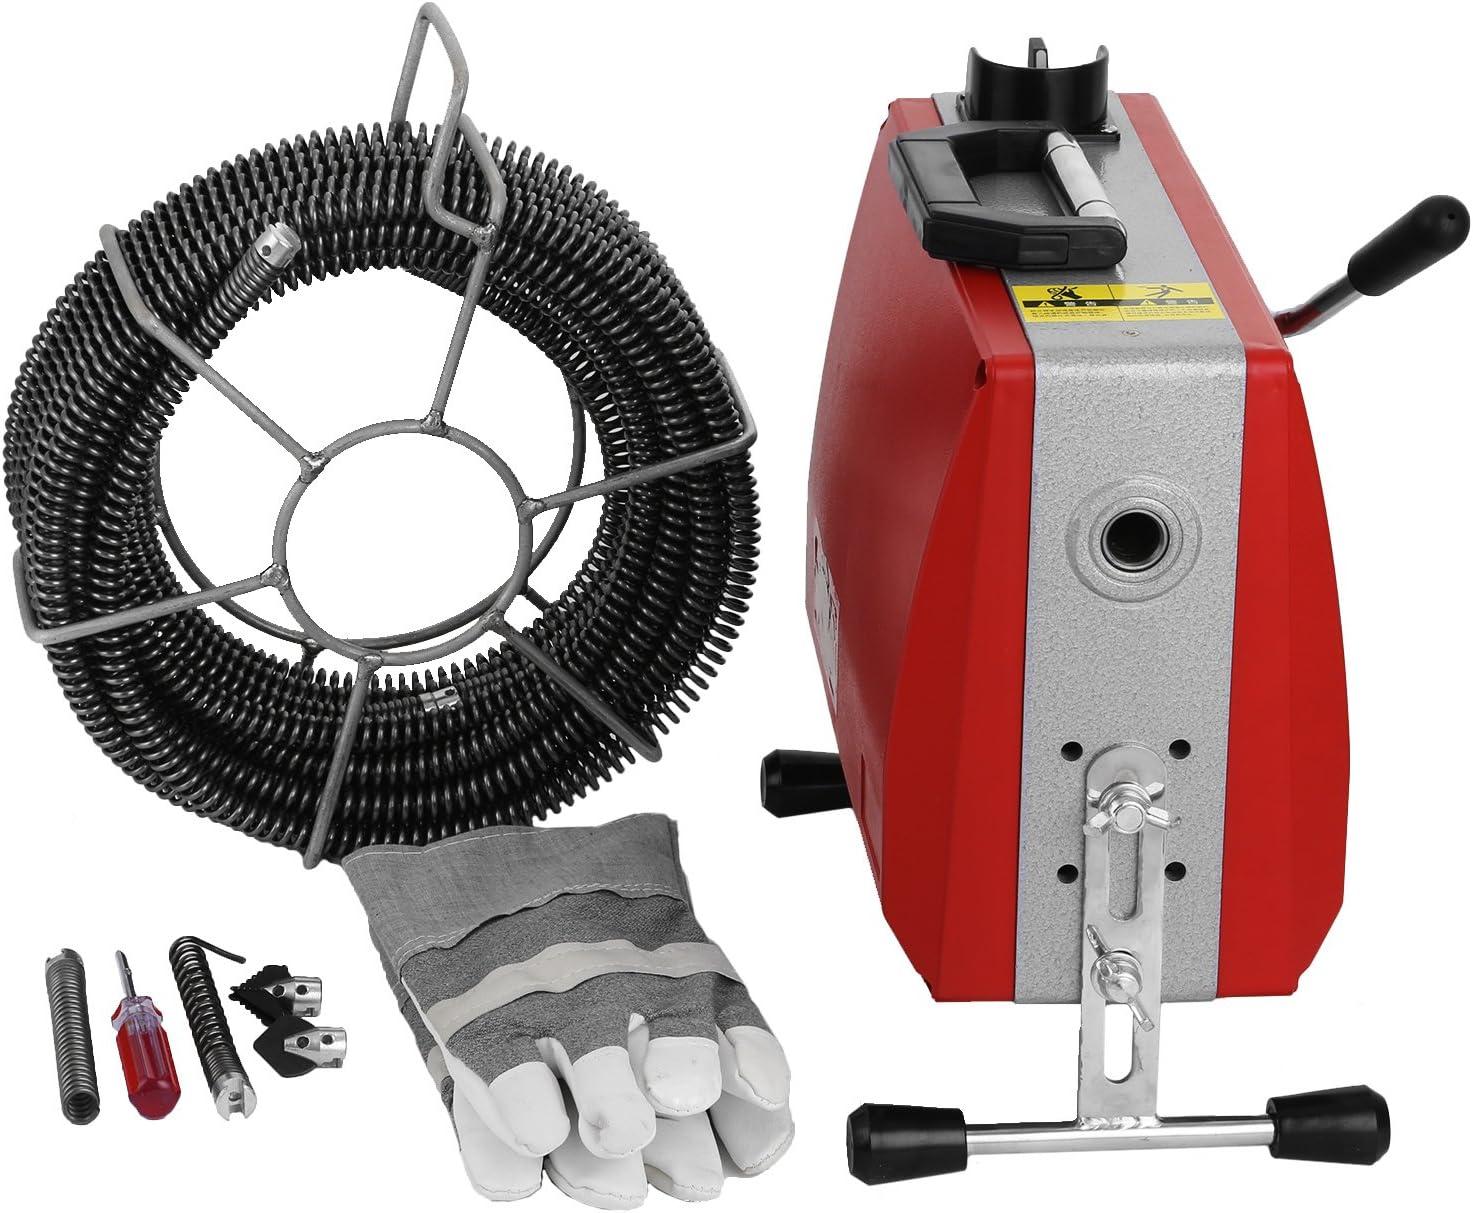 400 Watt Elektrische Rohrreinigung Rohrreinigungsmaschine Rohrreinigungsgerät DE